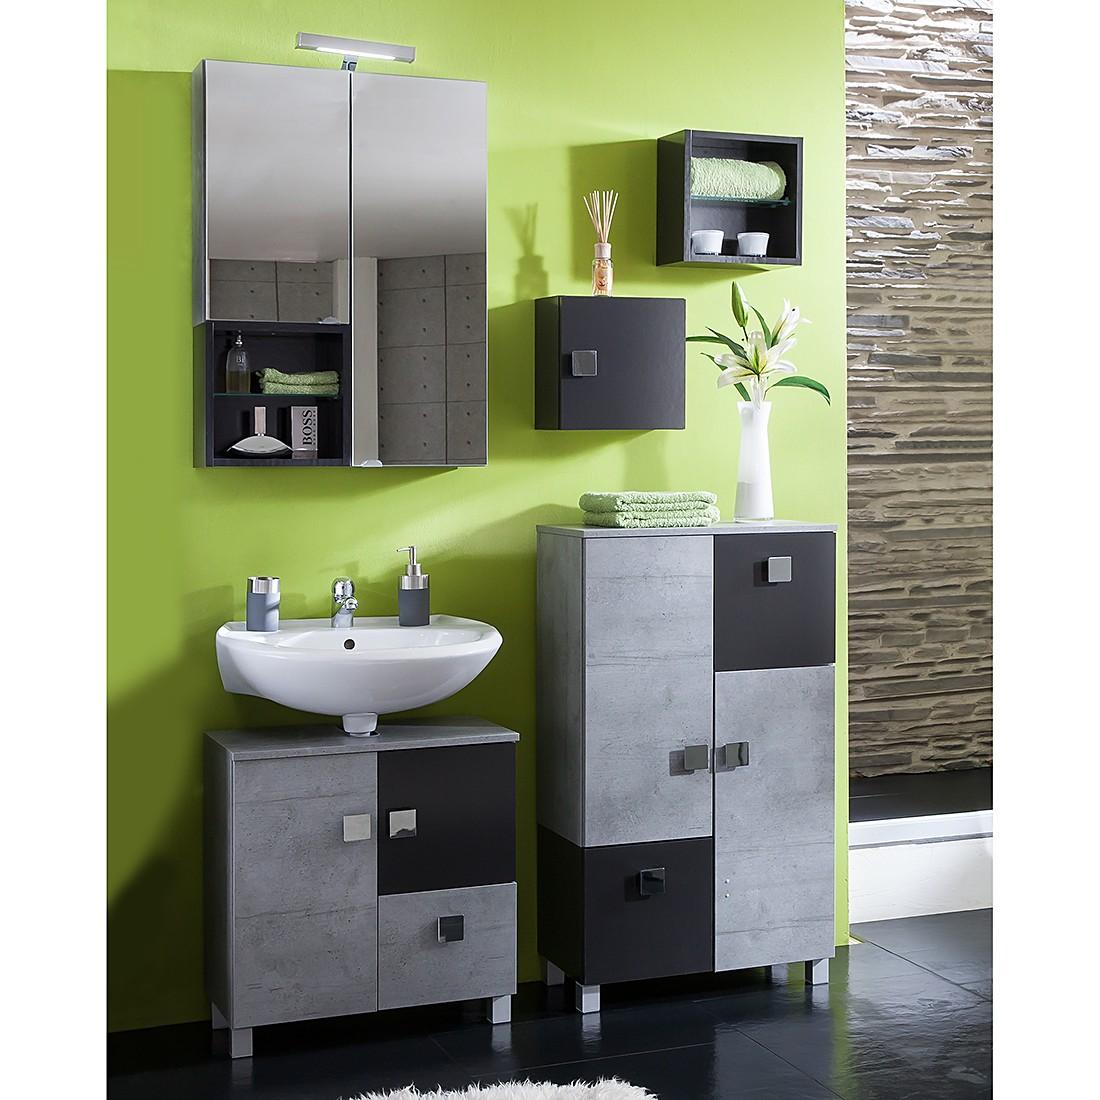 badezimmerset toronto ii 5 teilig anthrazit steingrau giessbach g nstig online kaufen. Black Bedroom Furniture Sets. Home Design Ideas